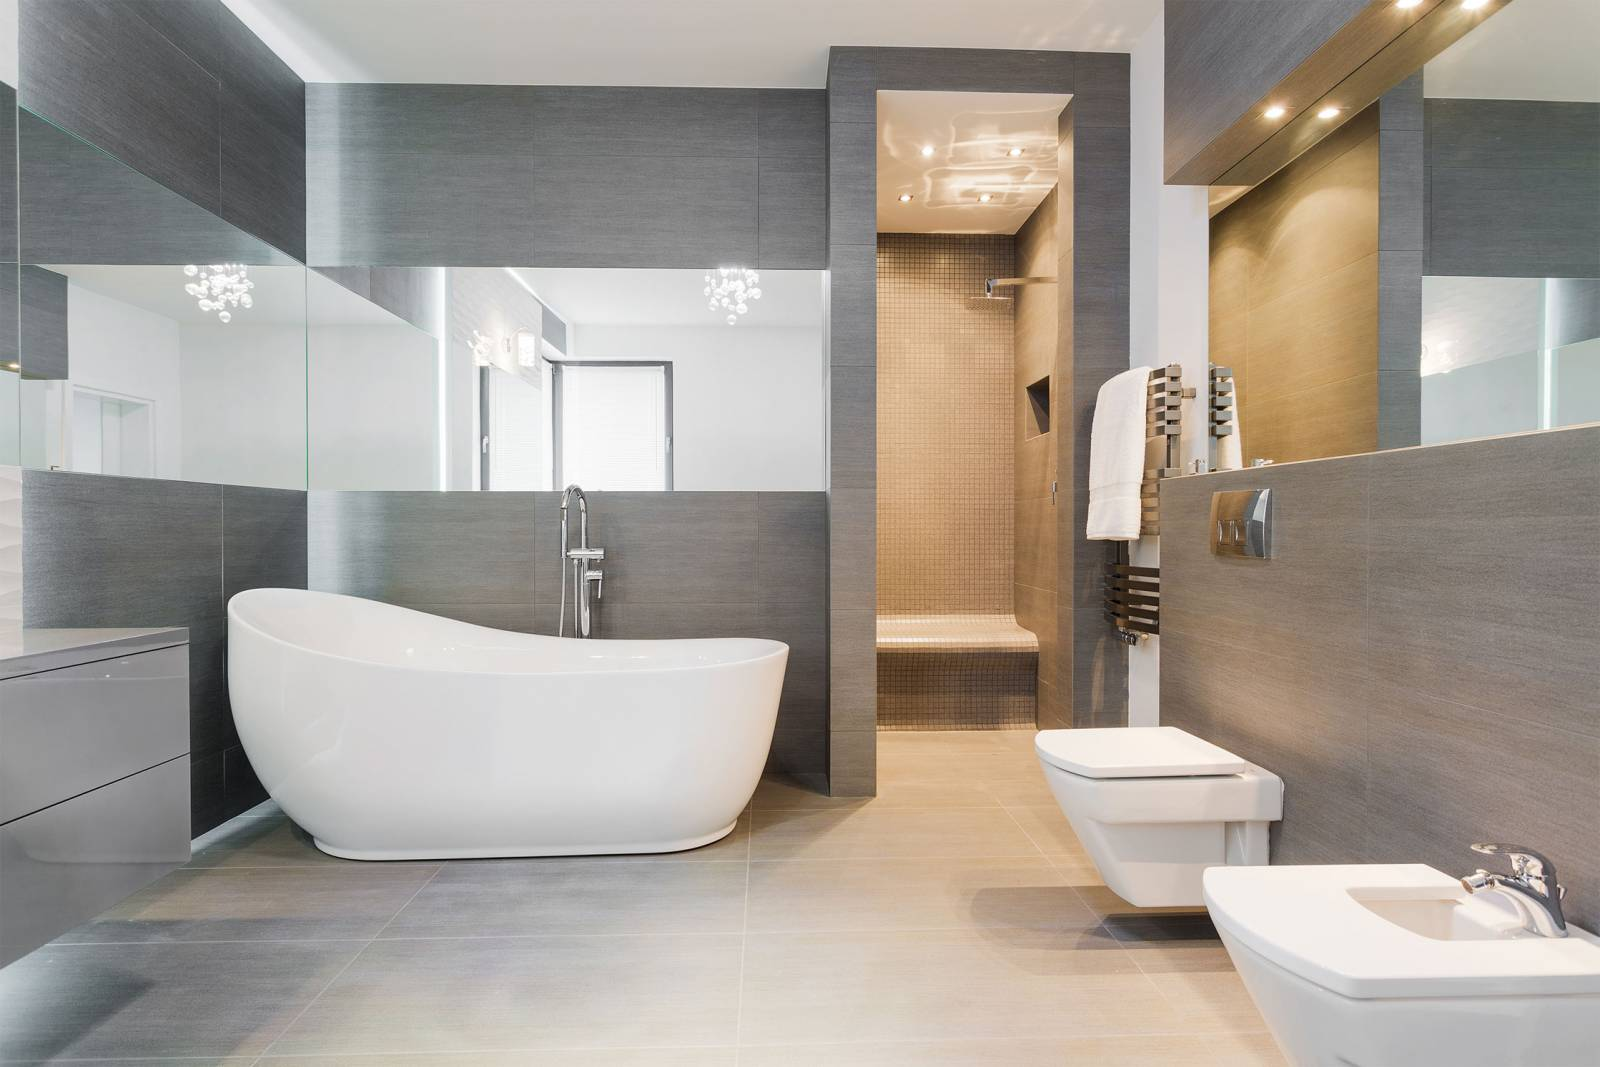 Magasin de salle de bains pour acheter une baignoire marseille tosolini - Magasin pour salle de bain ...